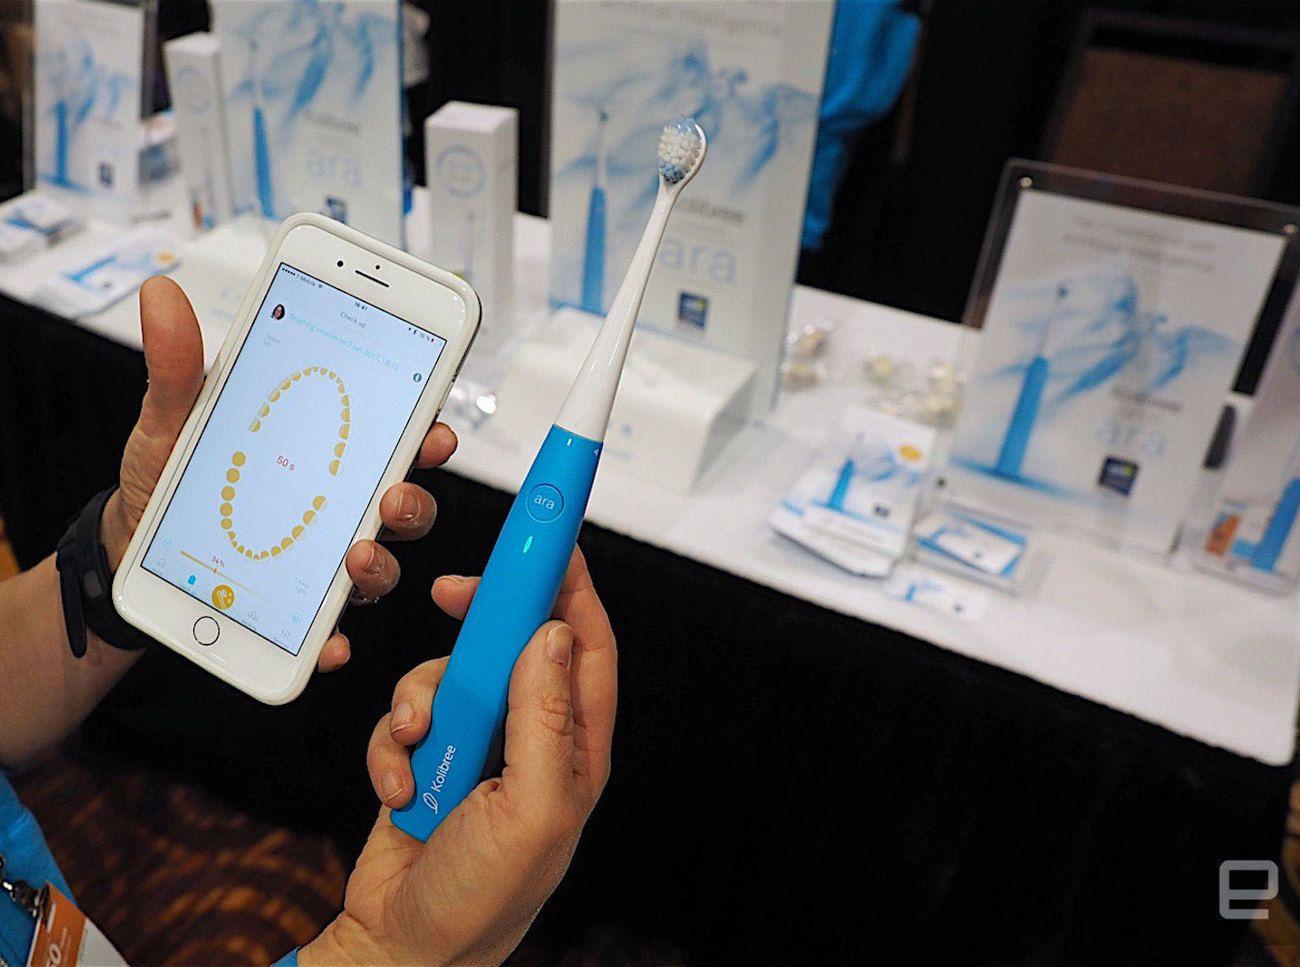 Kolibree Interactive Toothbrush